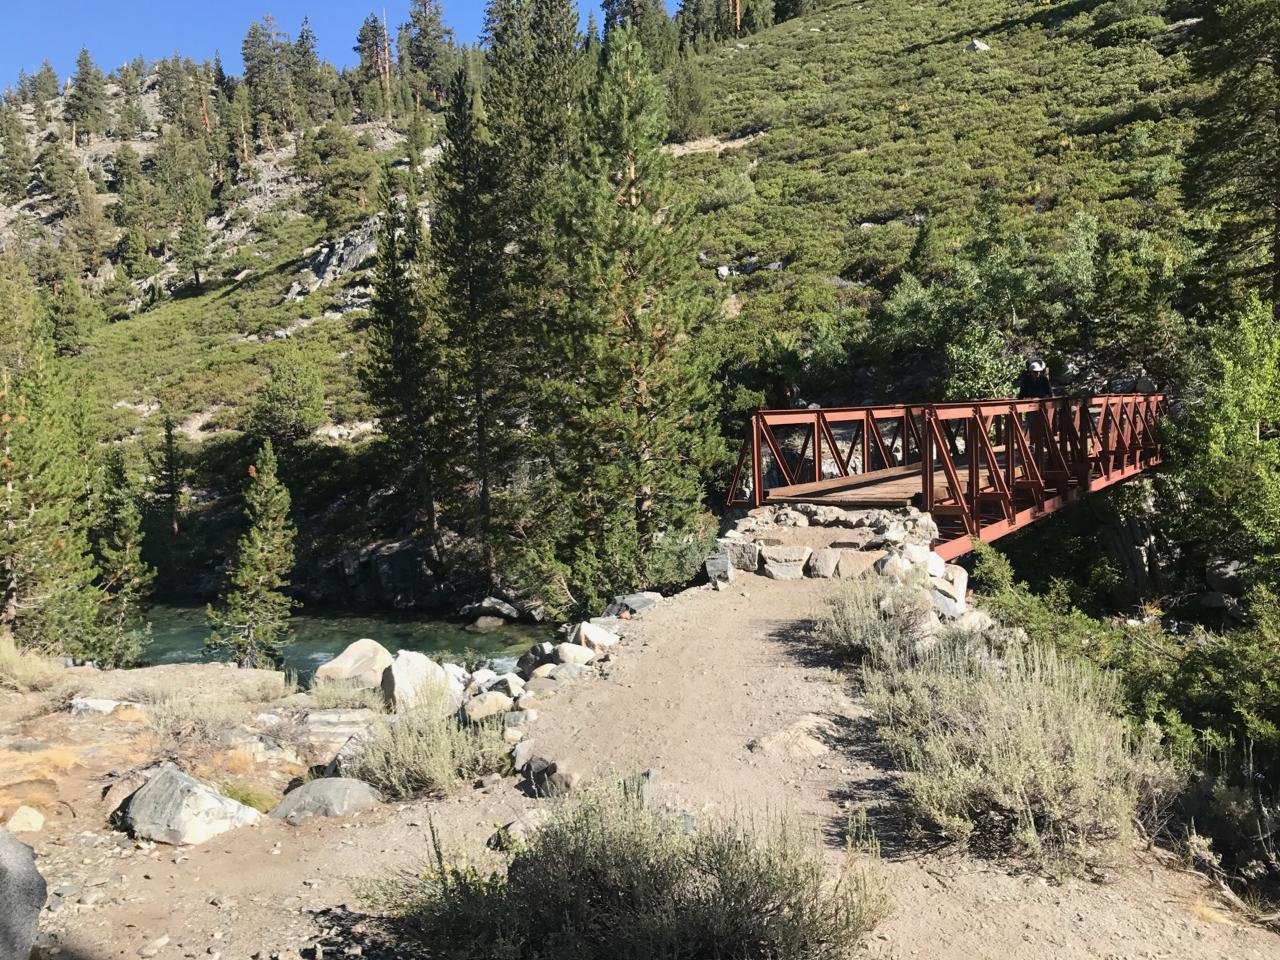 San Joaquin River bridge